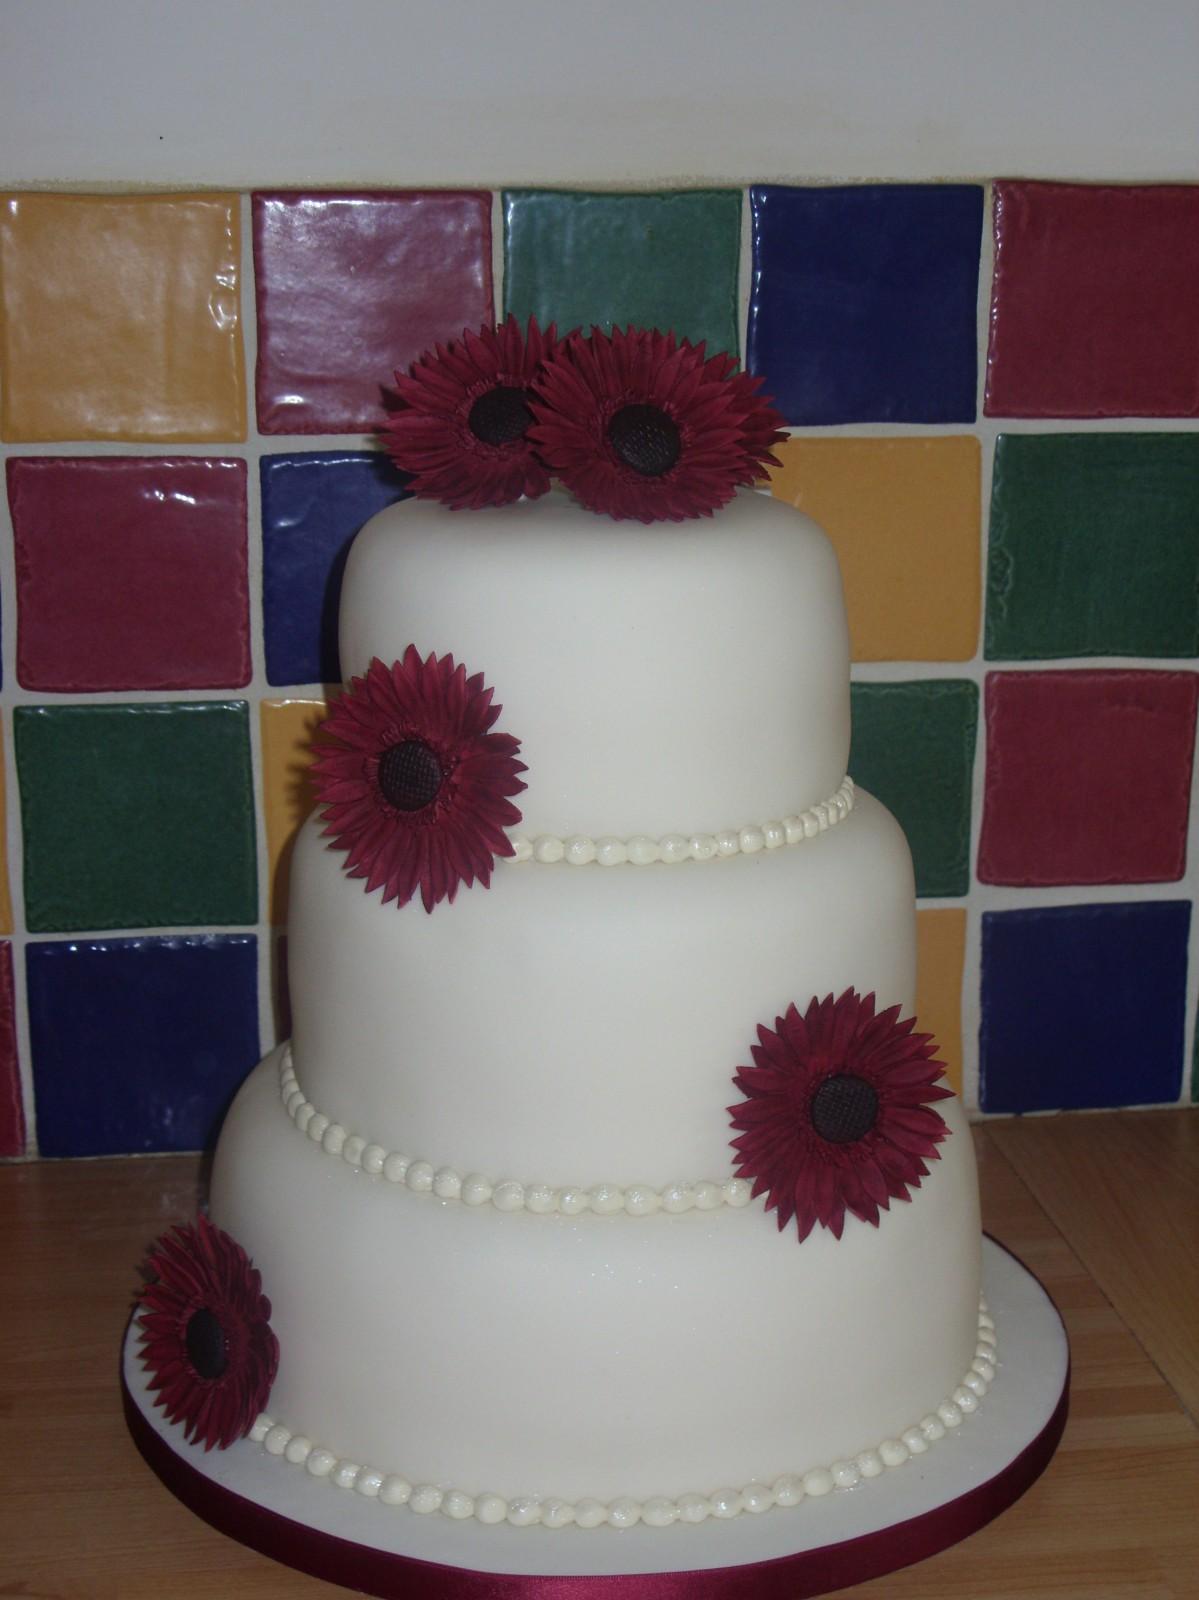 Safeway Wedding Cake Cost Safeway wedding cakes Trend we love